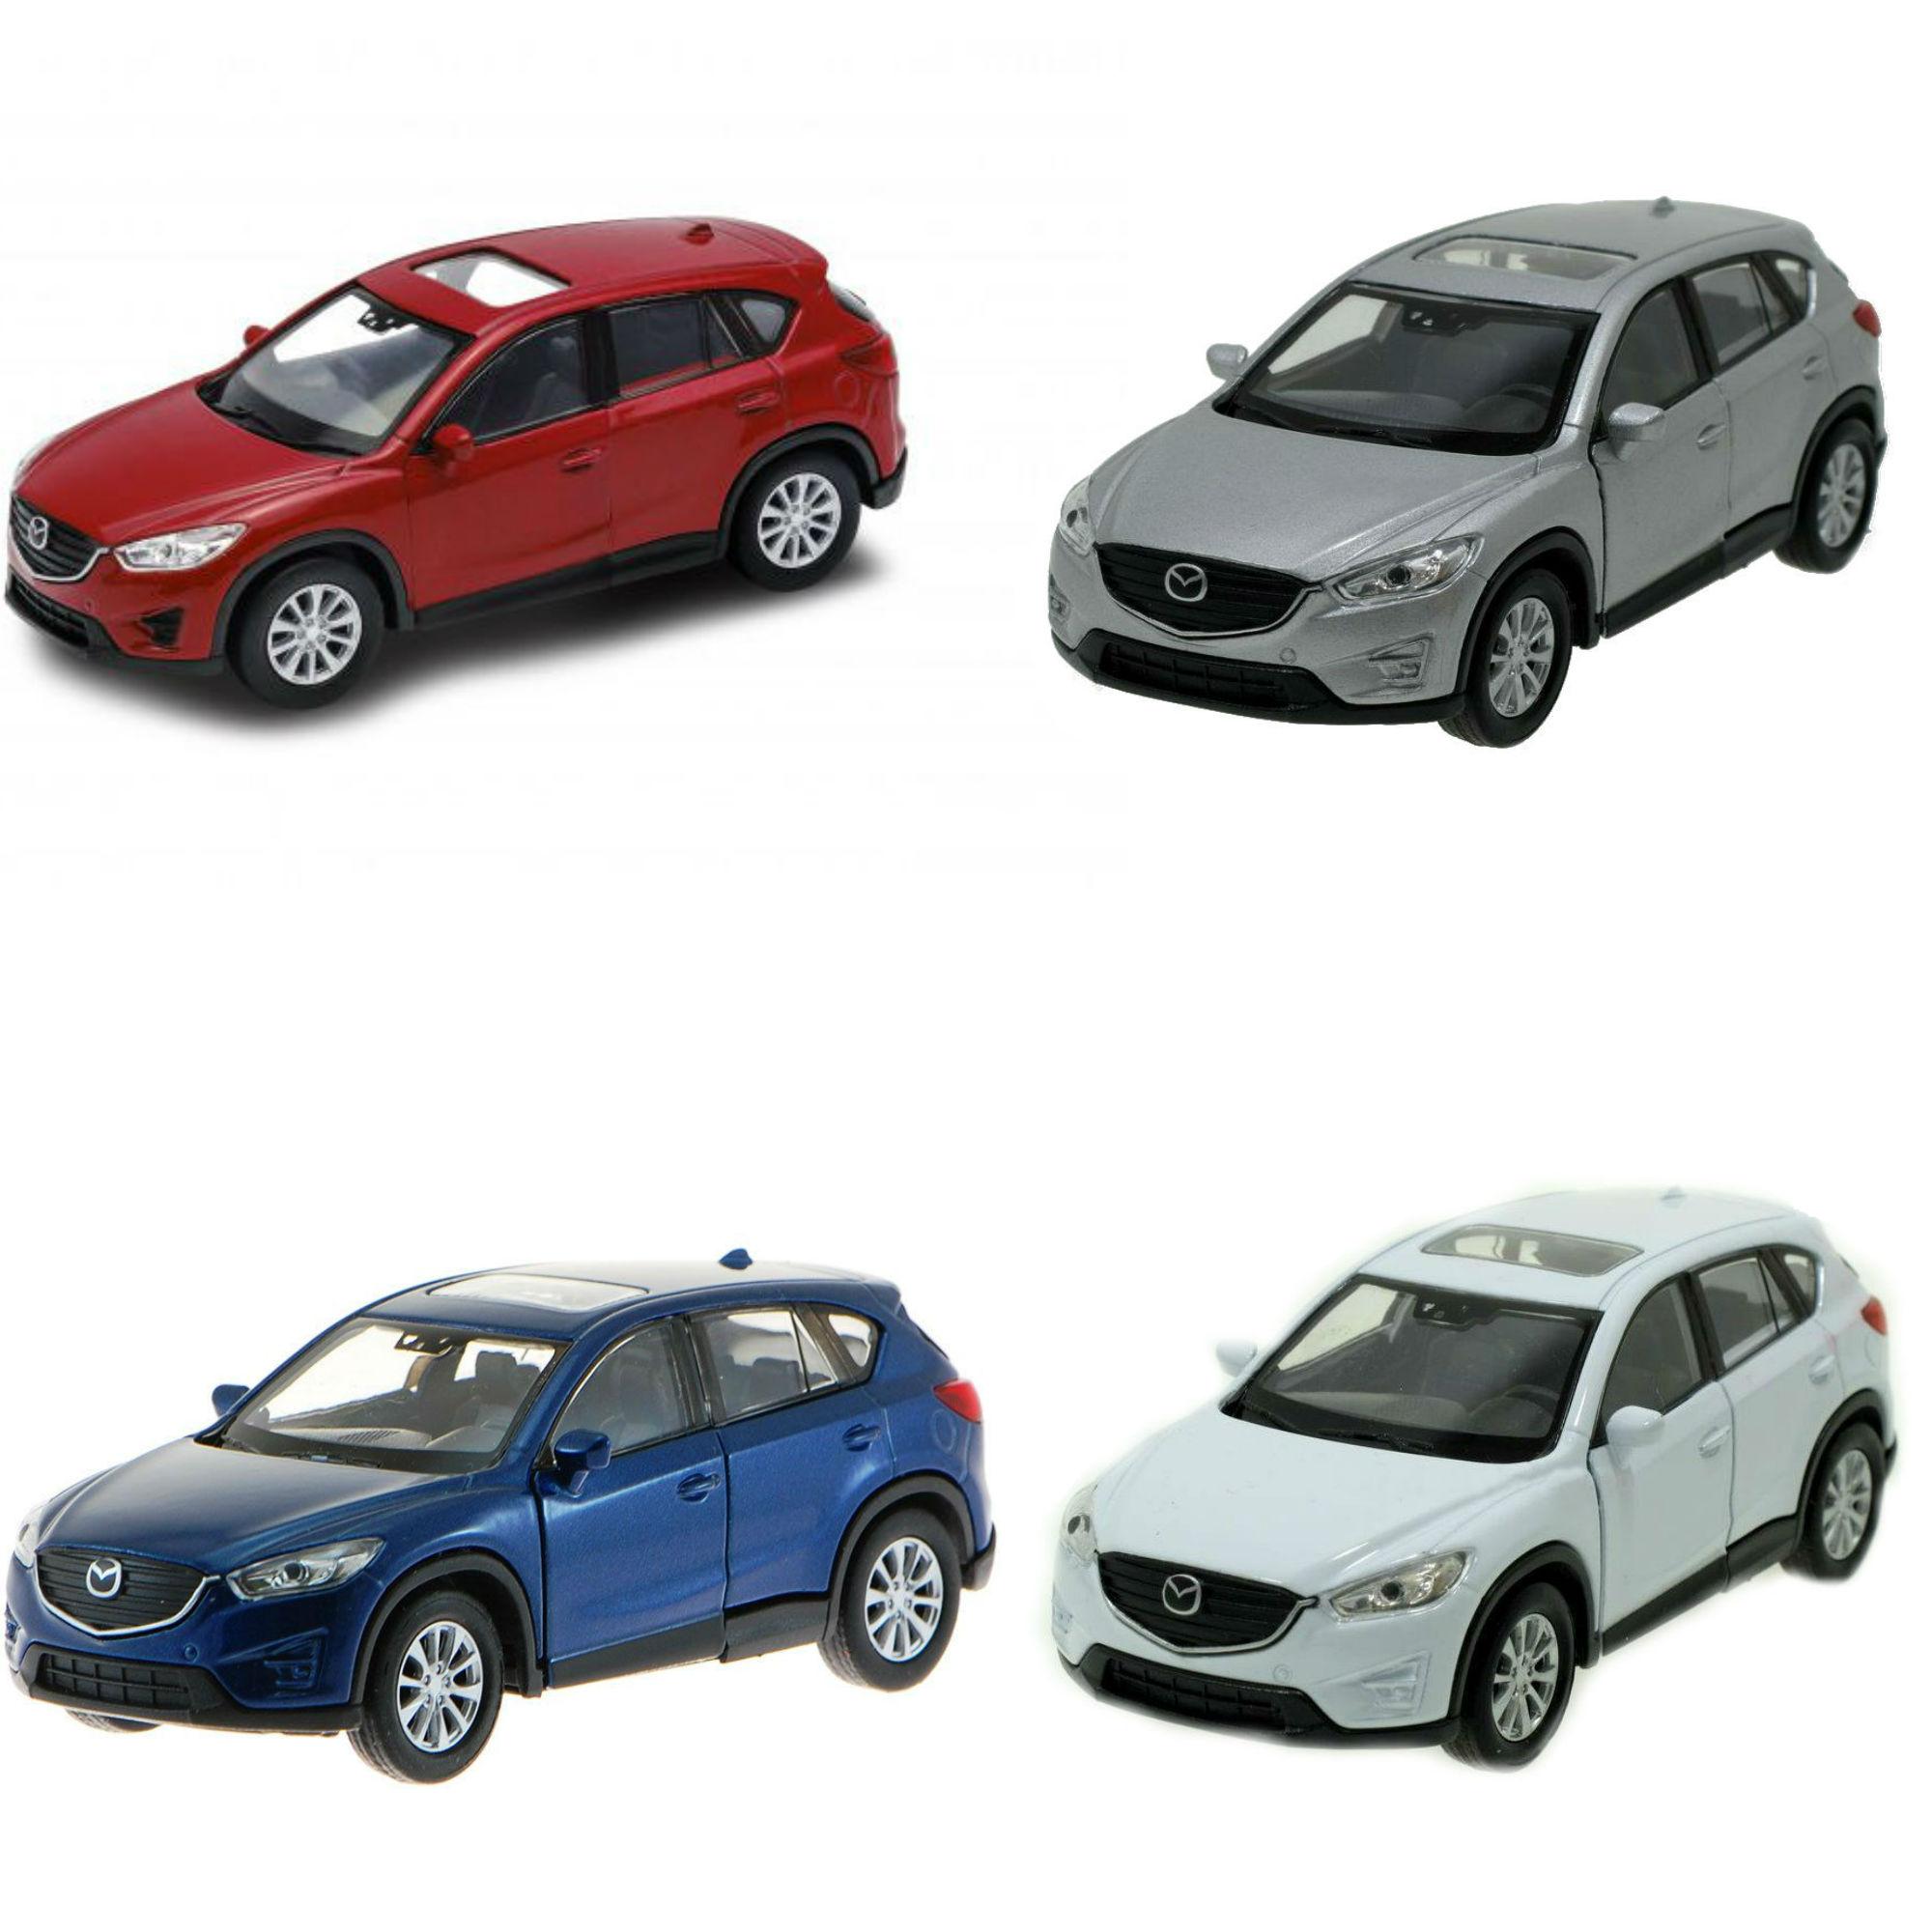 Модель машины Mazda CX-5, 1:34-39Mazda<br>Модель машины Mazda CX-5, 1:34-39<br>